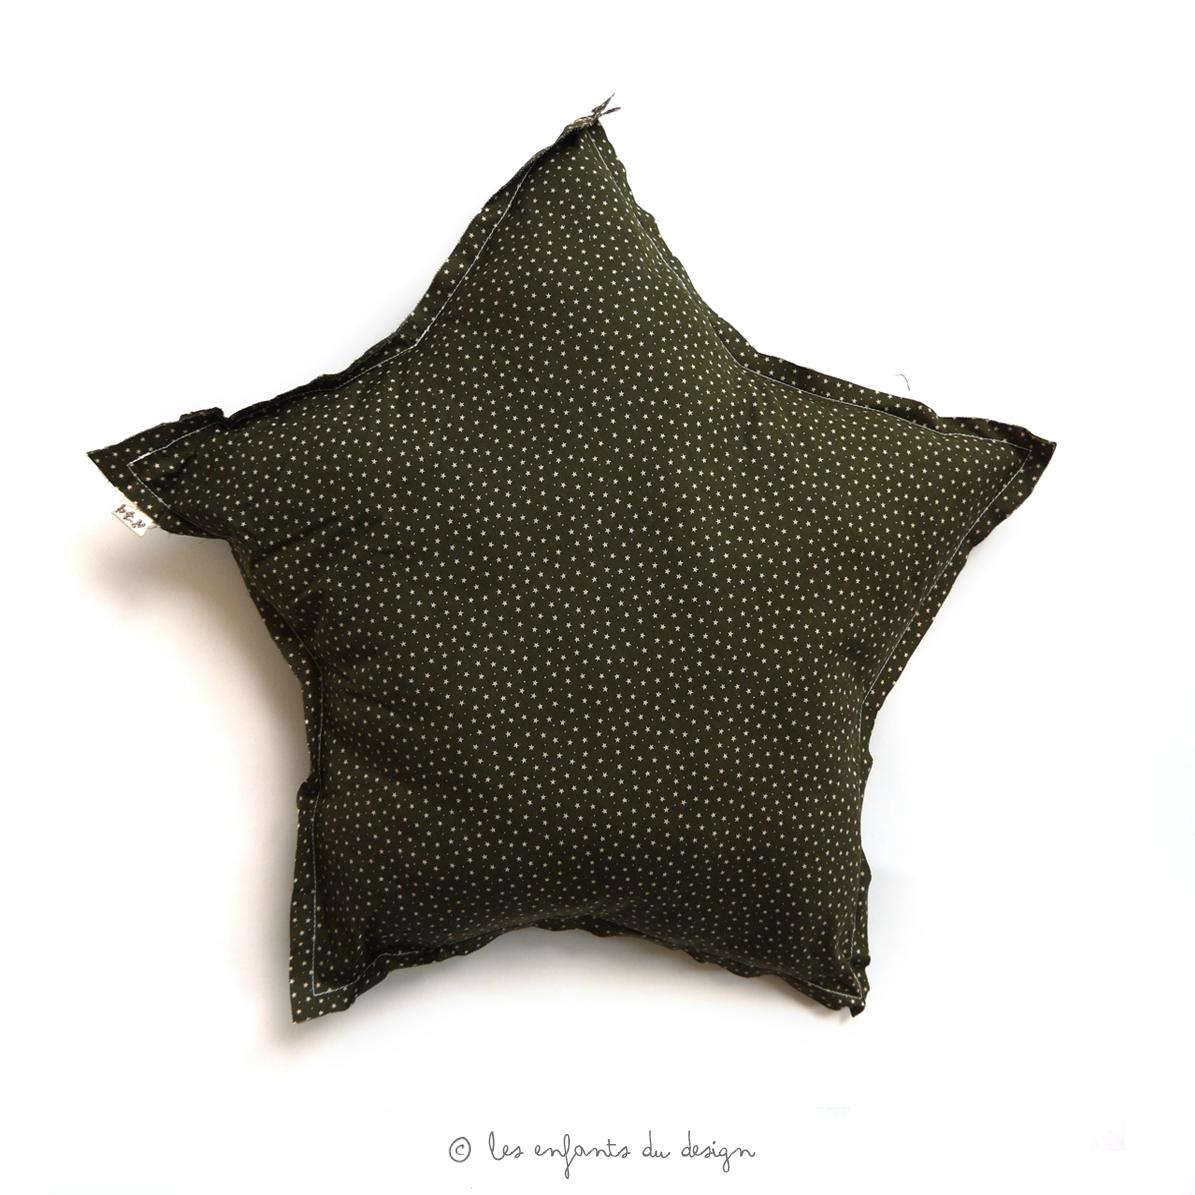 coussin etoile stars kaki num ro 74 pour chambre enfant les enfants du design. Black Bedroom Furniture Sets. Home Design Ideas